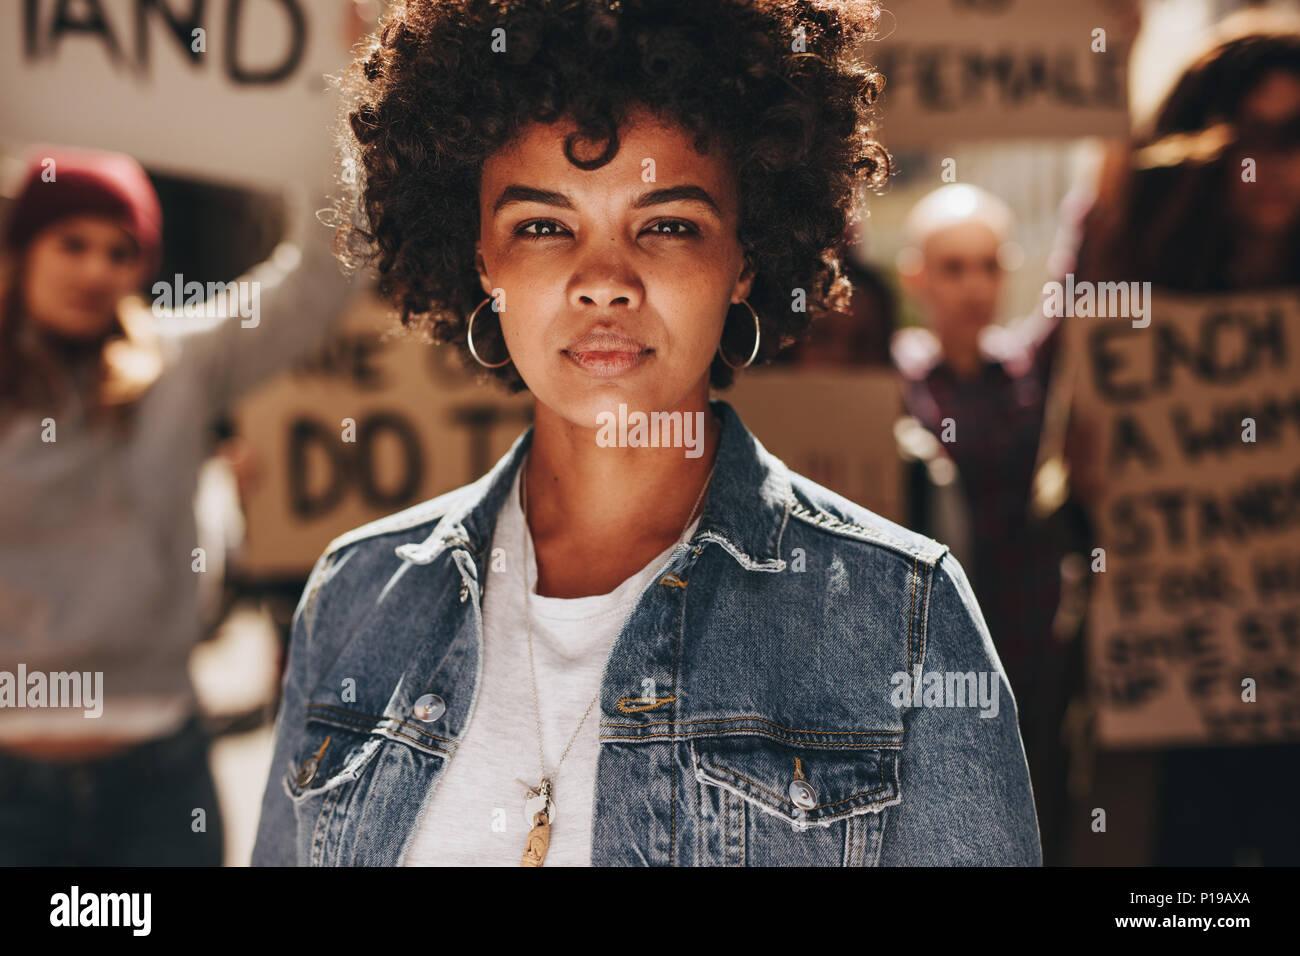 Junge afrikanische Frau, die draußen mit einer Gruppe von Demonstranten im Hintergrund. Frau protestieren mit einer Gruppe von Aktivisten, die draußen auf der Straße. Stockbild